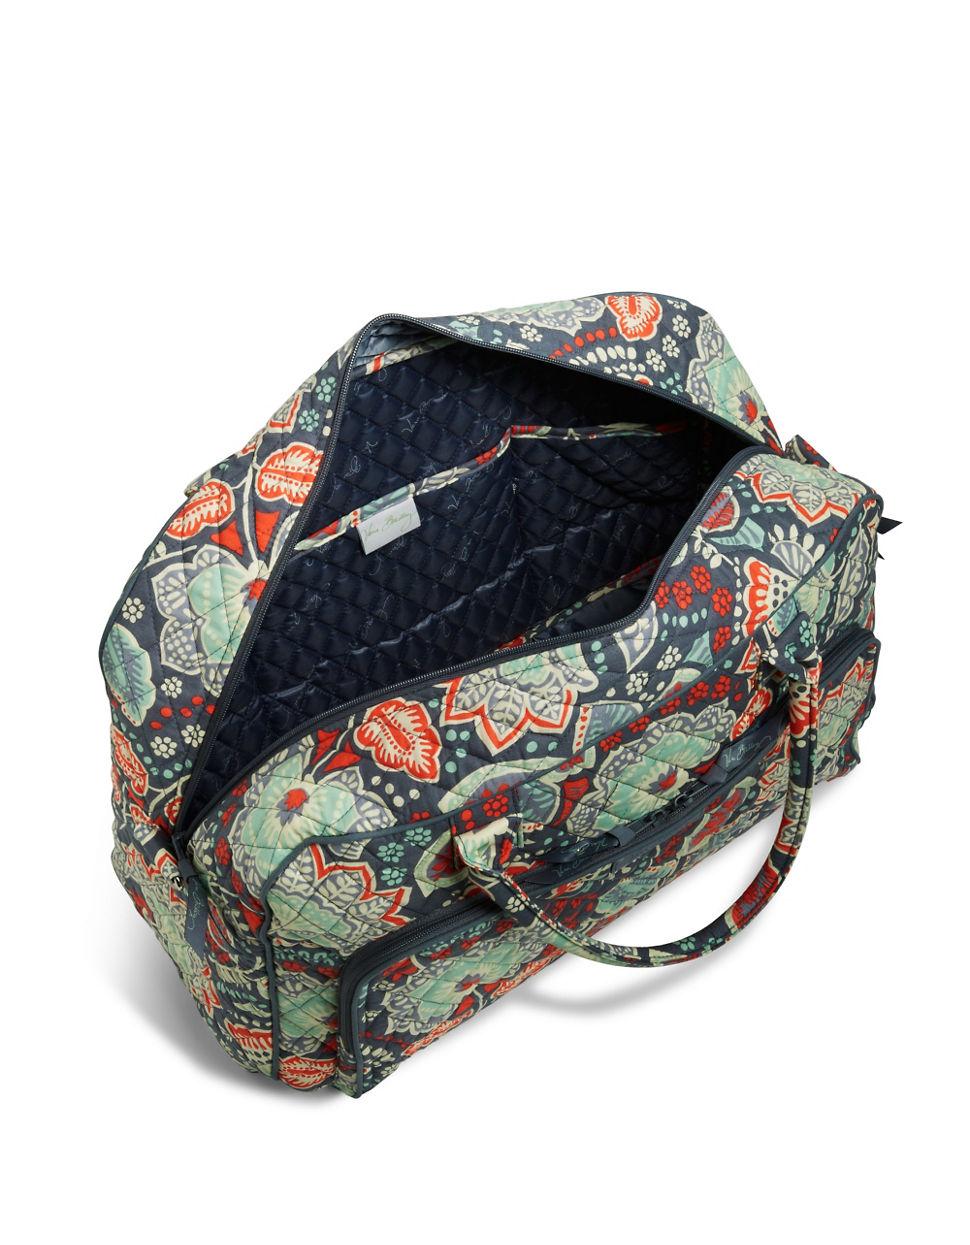 Vera Bradley Patterned Weekender Duffel Bag In Blue   Lyst